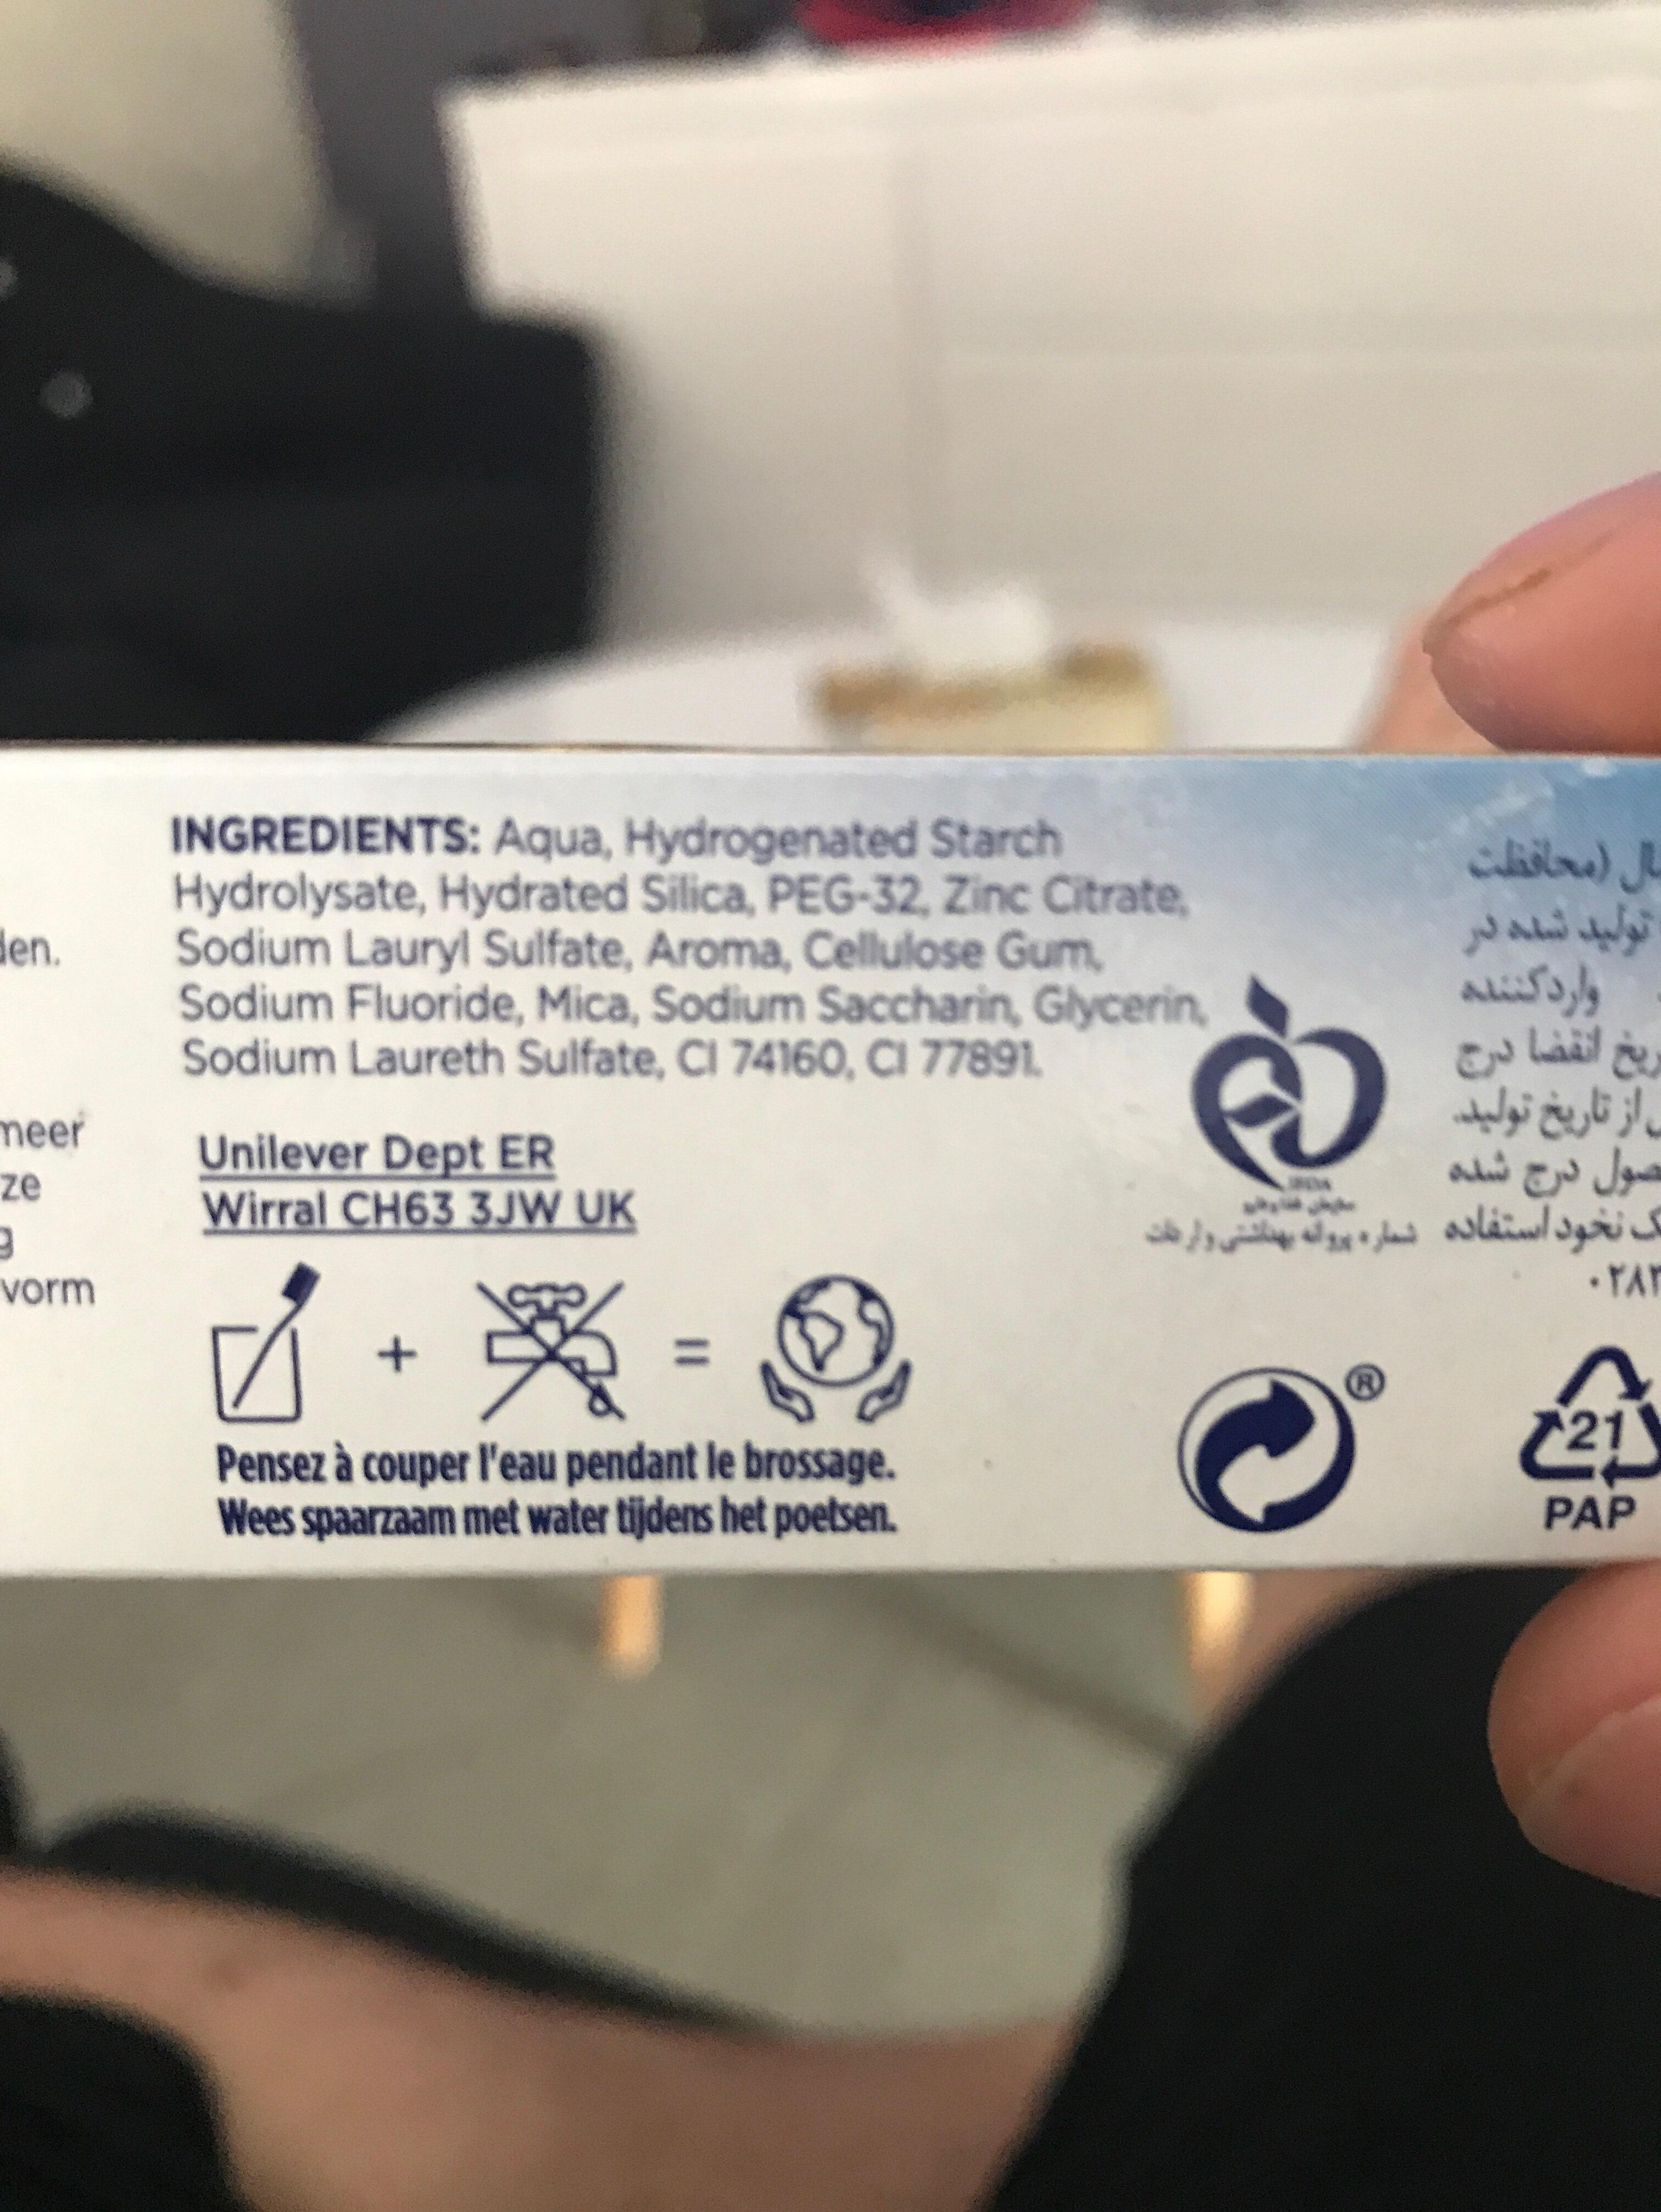 Signal Dentifrice Antibactérien Fresh Resist Plus 18H Protection - Ingrédients - fr